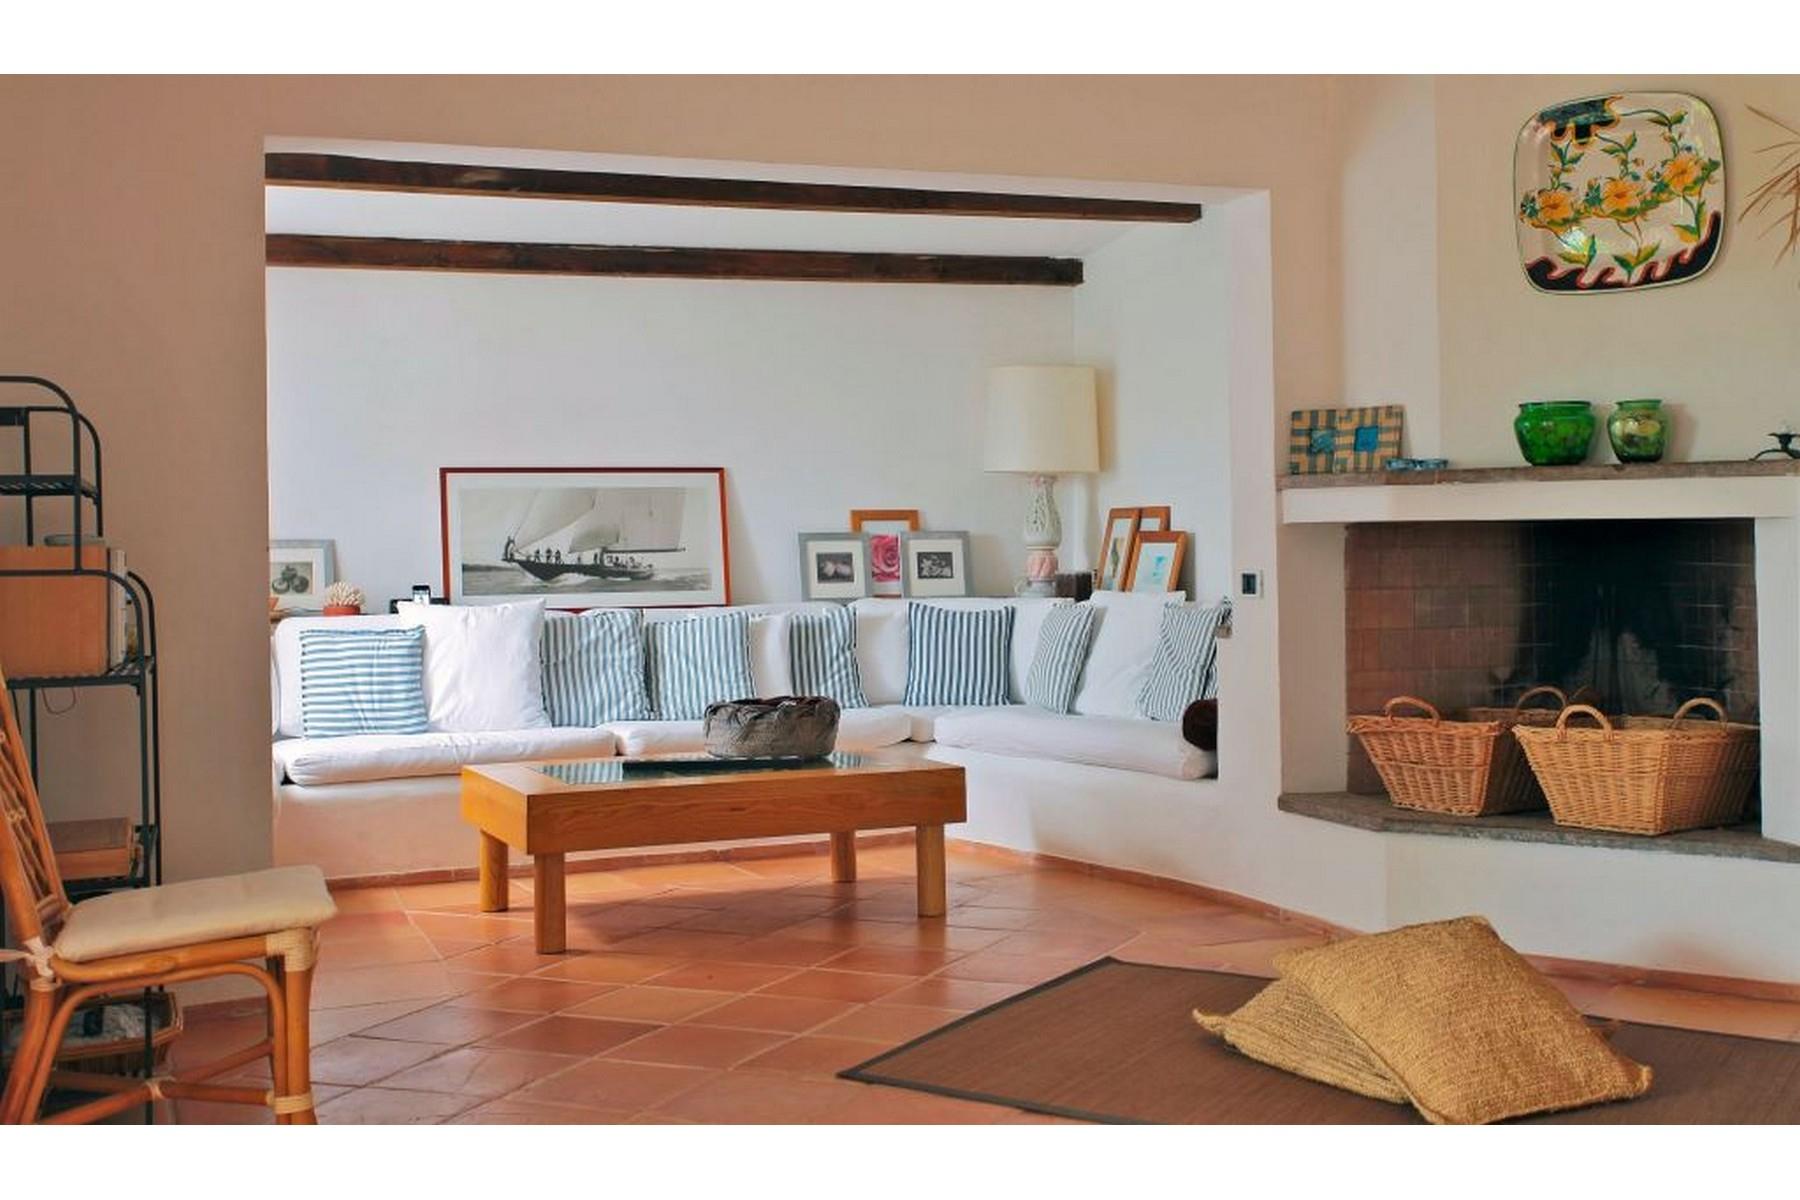 Casa indipendente in Vendita a Arzachena: 5 locali, 117 mq - Foto 8